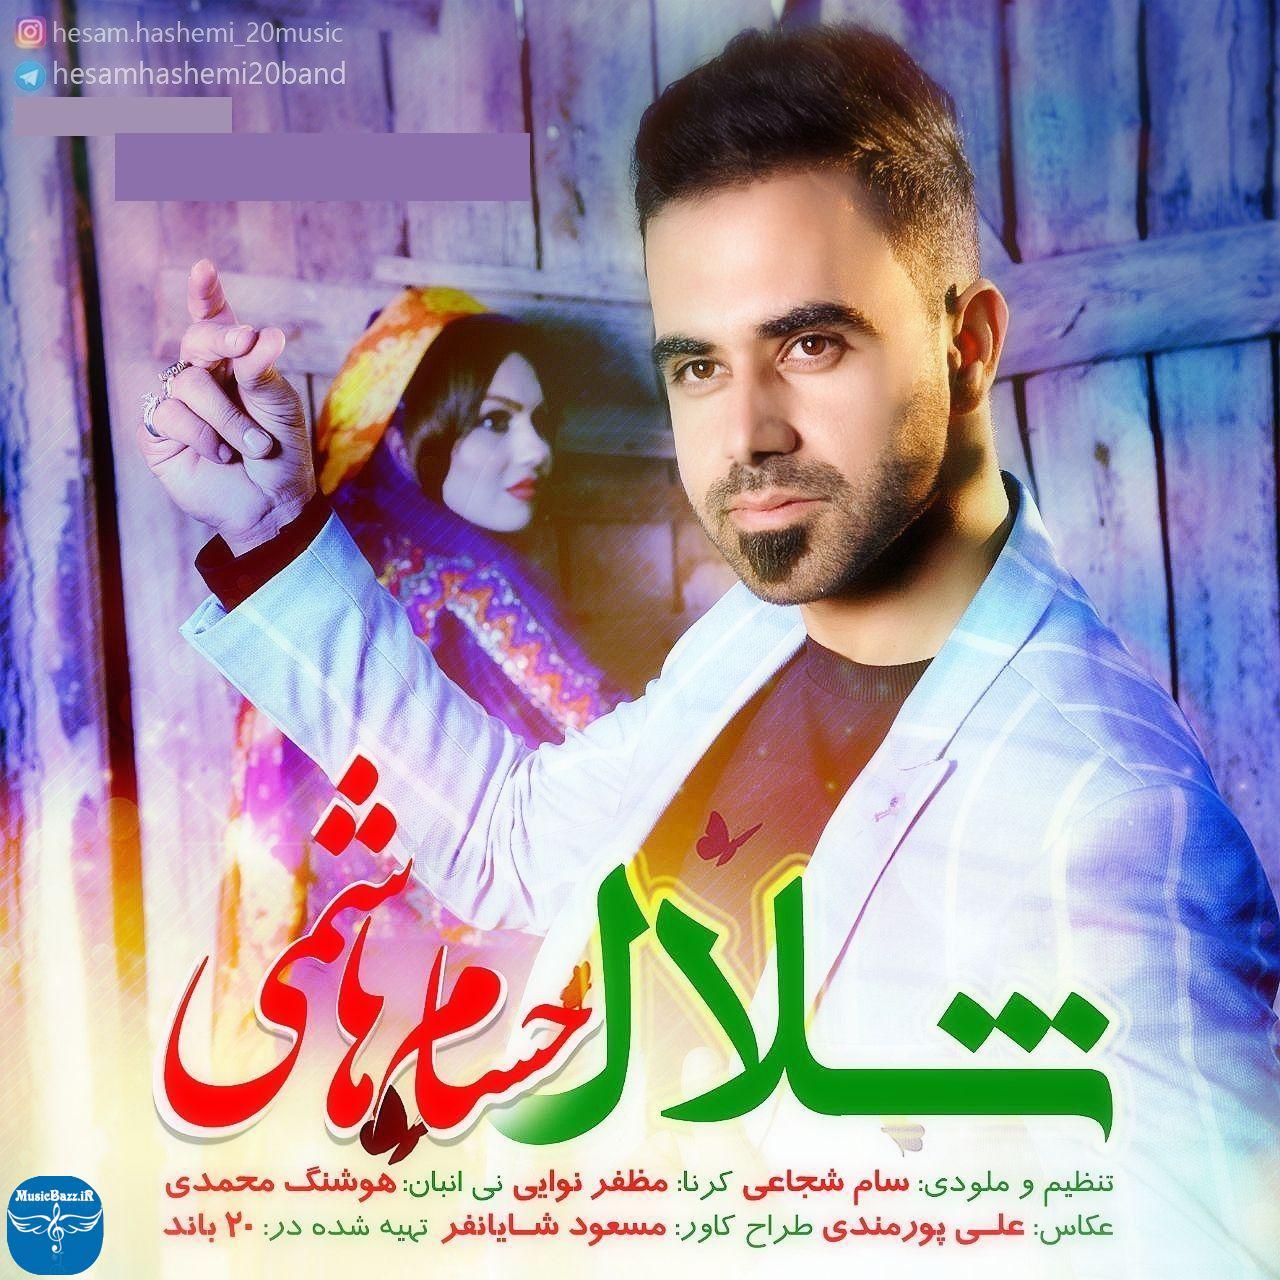 دانلود موزیک ویدیولری شلال از حسام هاشمی